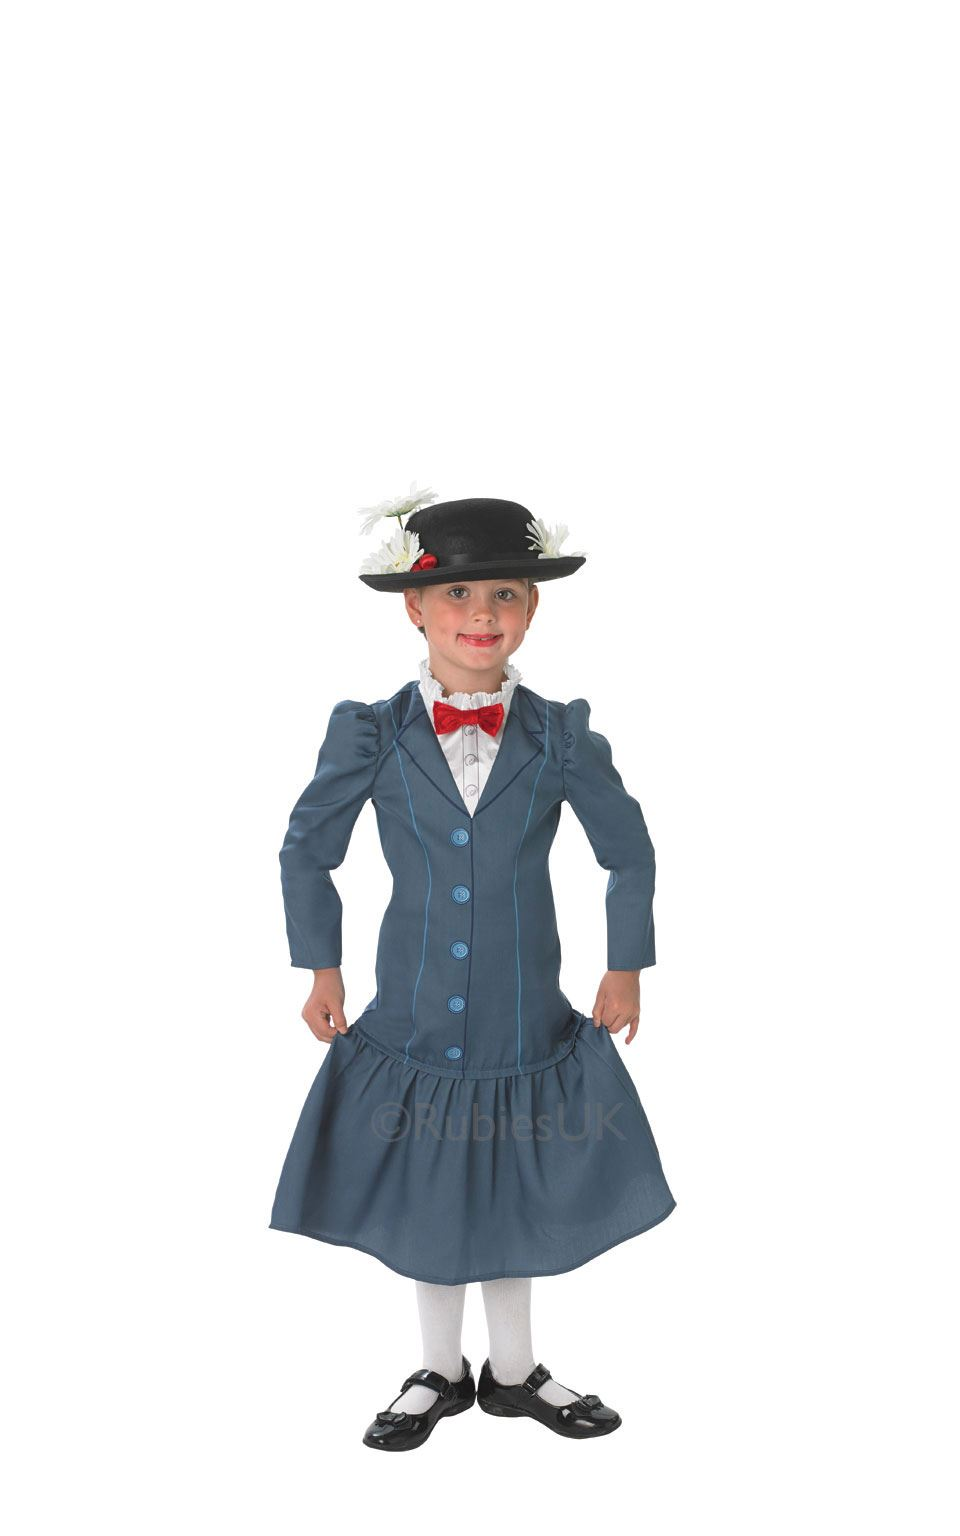 m dchen mary poppins viktorianisch nanny kost m edwardianisch disney outfit ebay. Black Bedroom Furniture Sets. Home Design Ideas